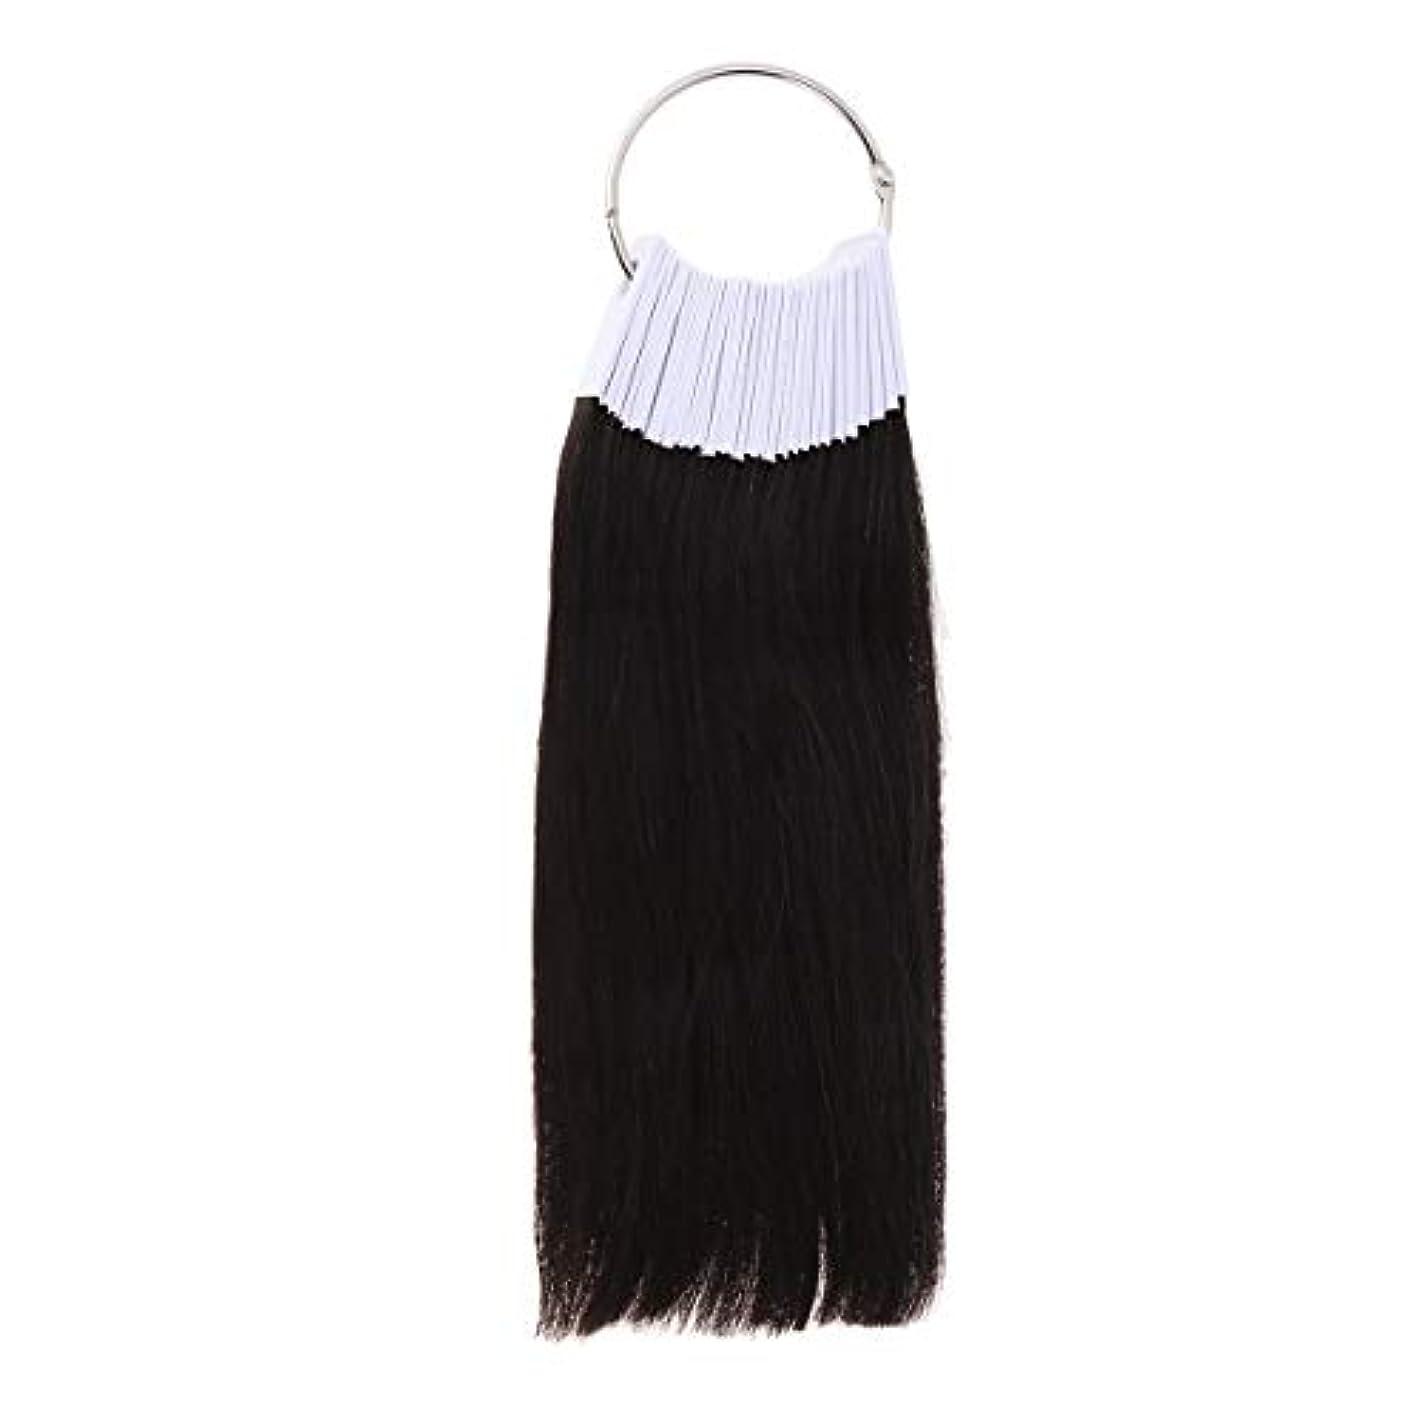 死すべきシャワーマーティンルーサーキングジュニアLURROSE 30PCSヘアカラーリング人間の髪の色見本サロン用カラーサンプル(9度色)